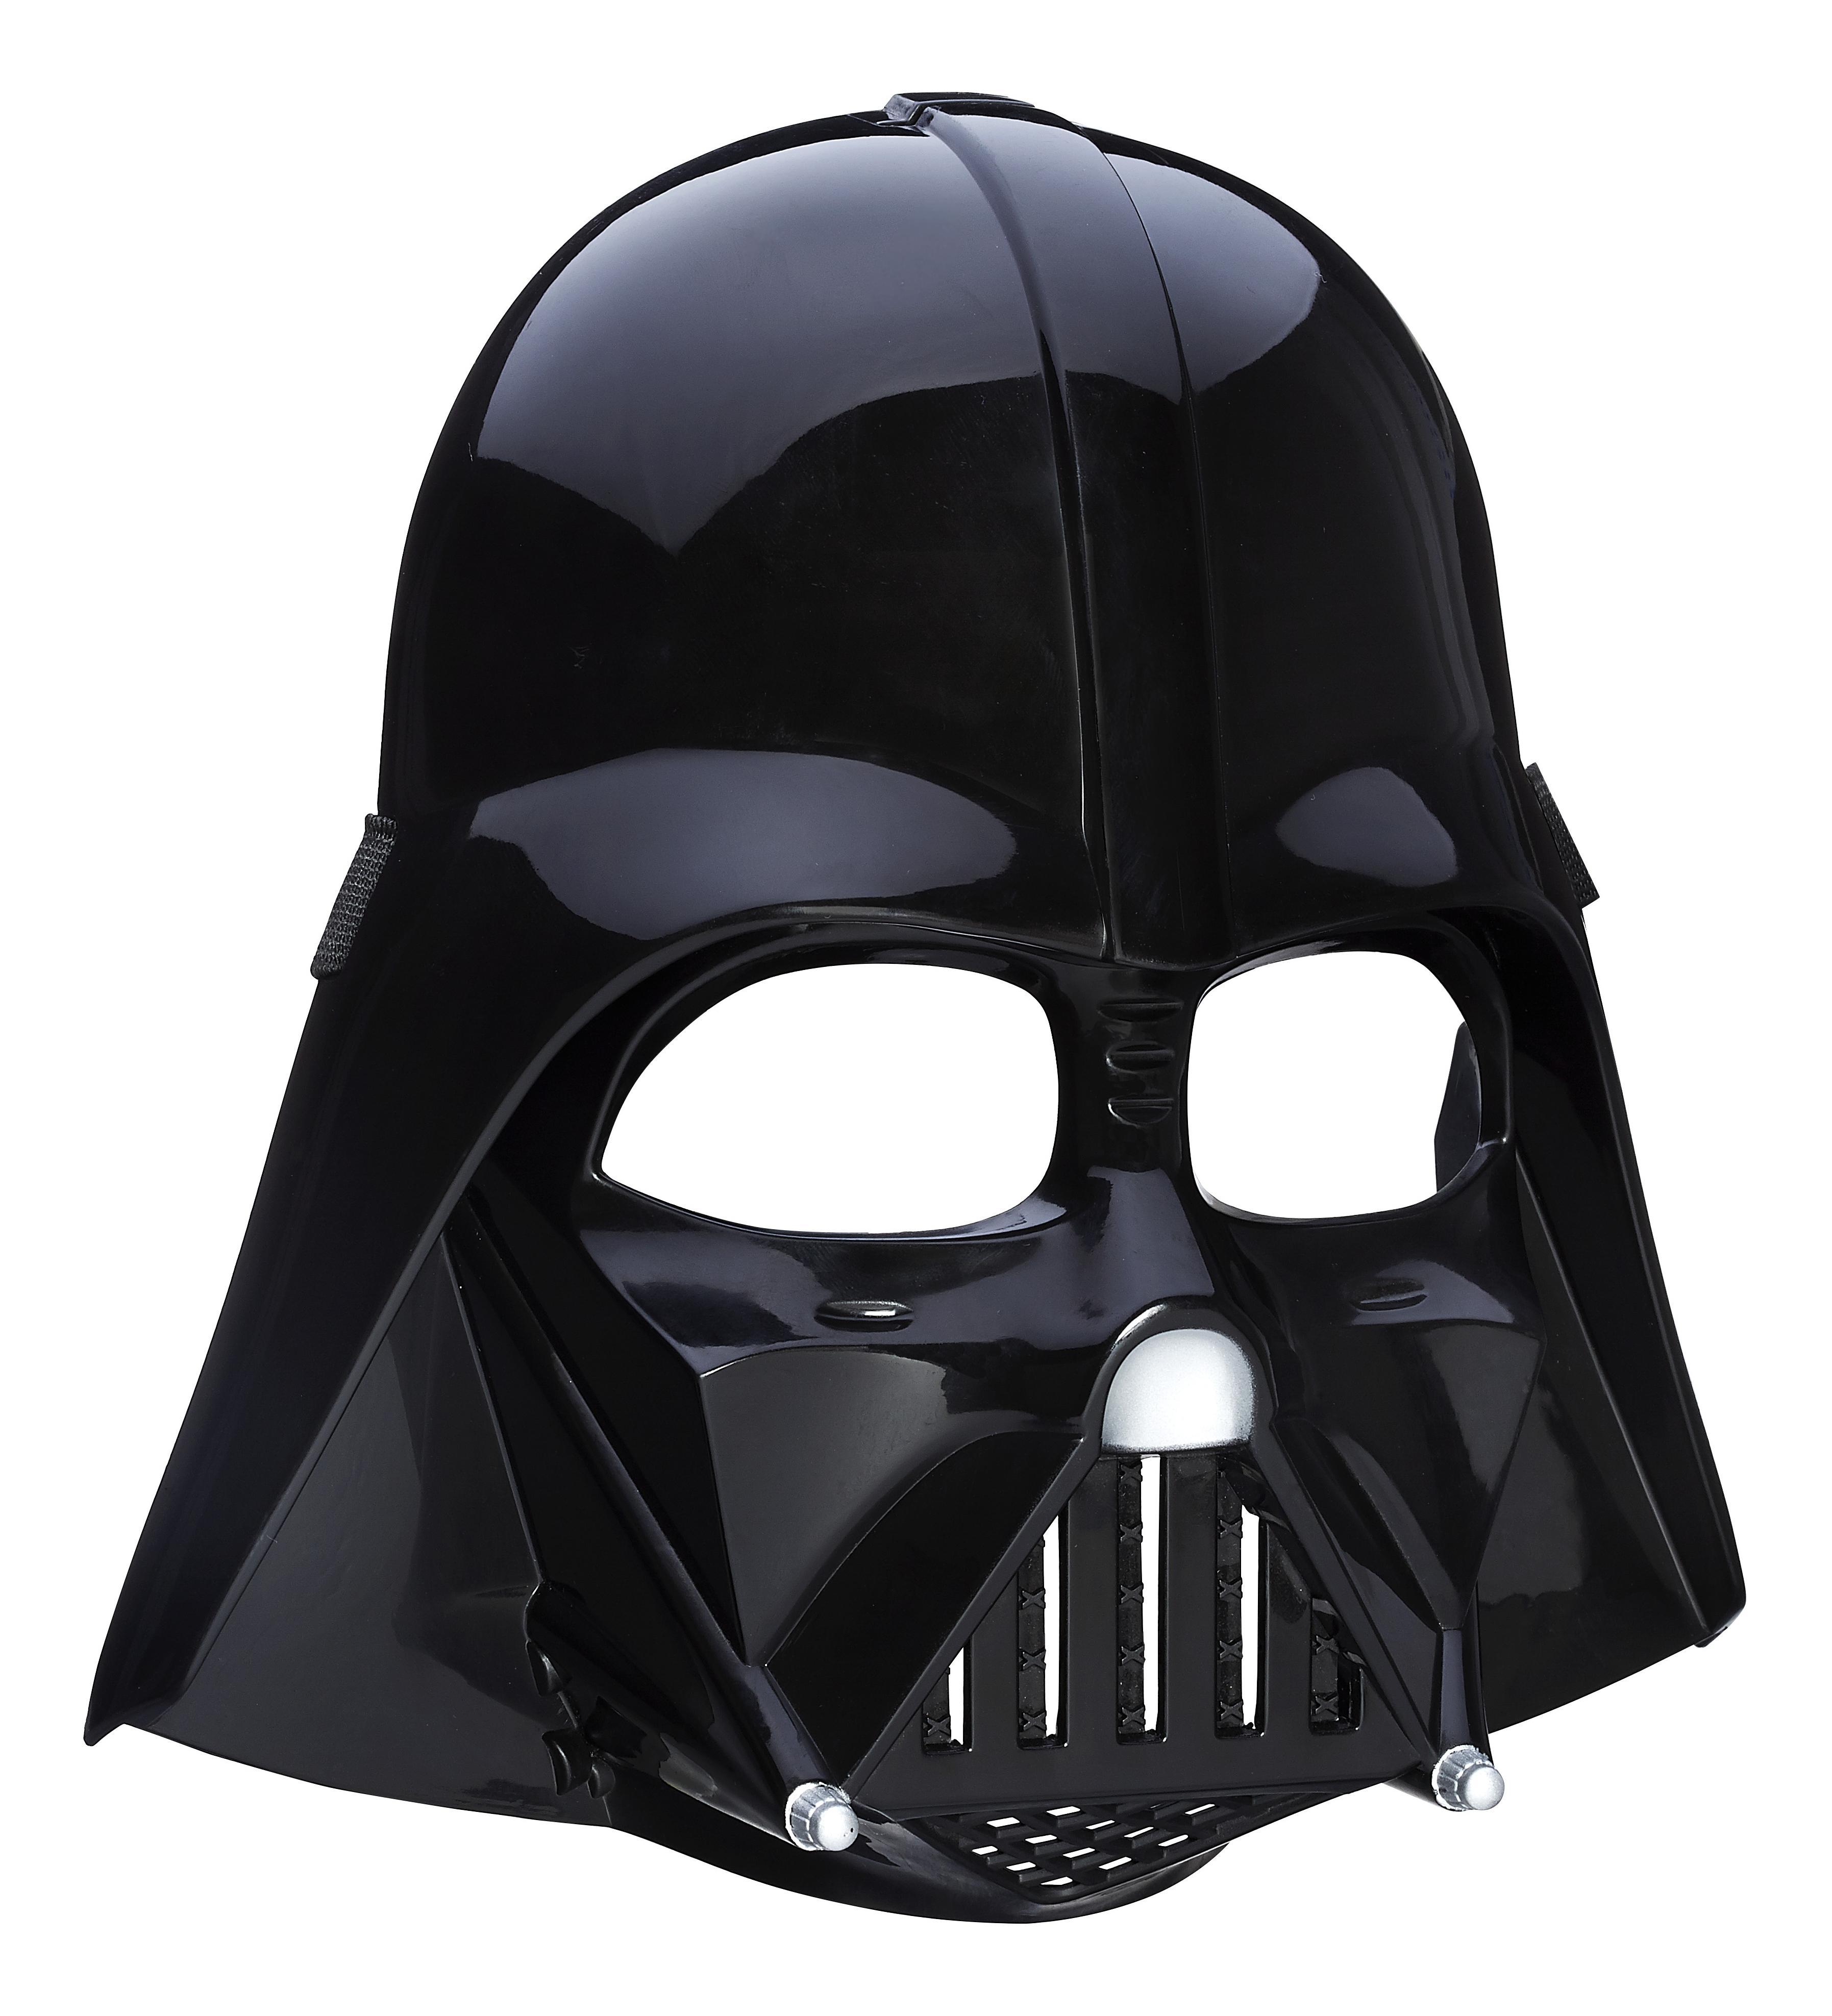 Купить Маска героя вселенной Звездные Войны, Маска героя Звездные Войны Дарт Вейдер b3223 b6342, Star Wars, Играем в супергероя